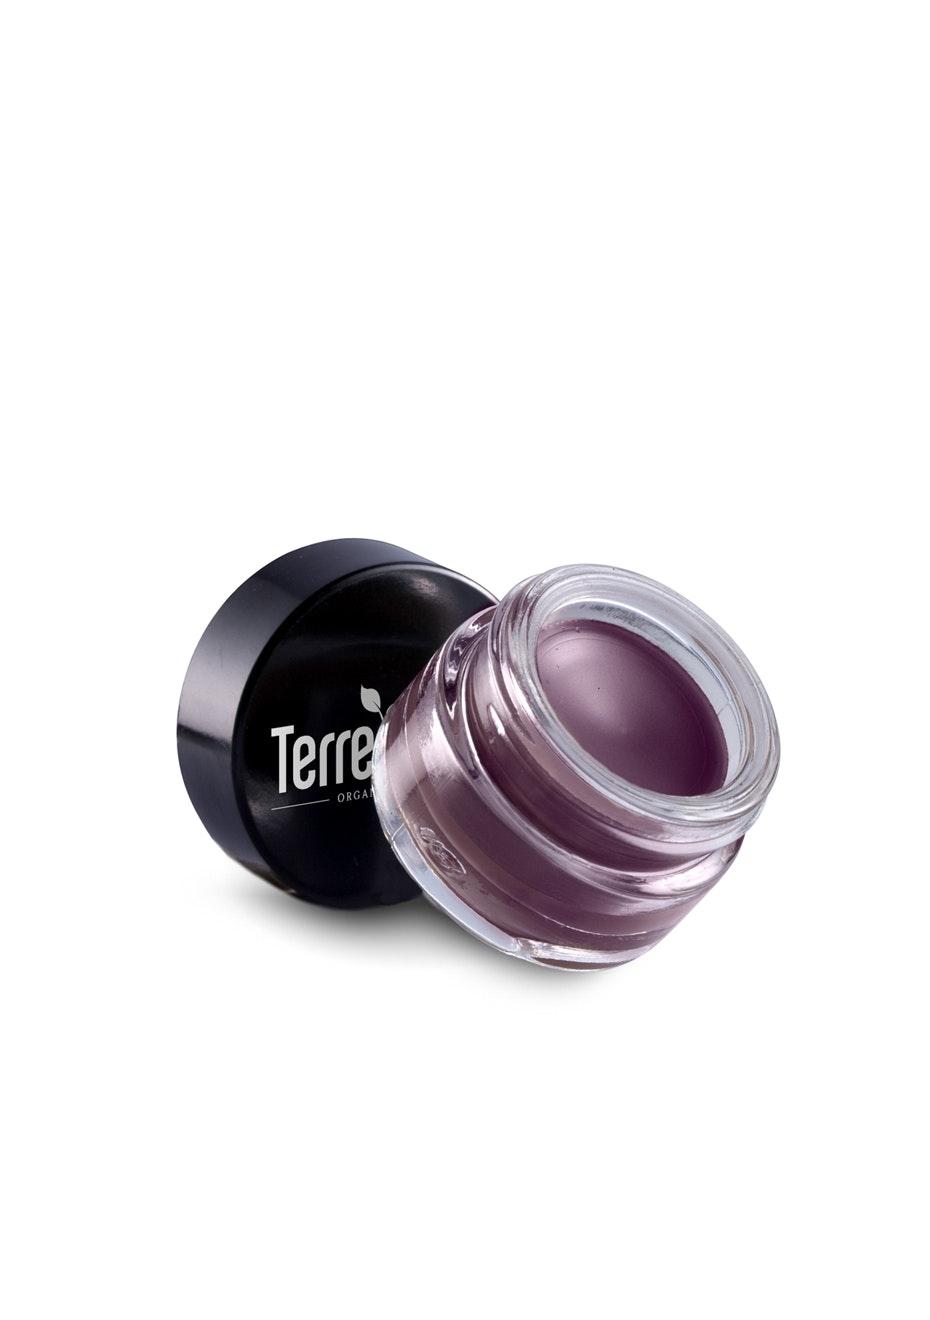 Terre Mere - Gel Eyeliner - Tanzanite